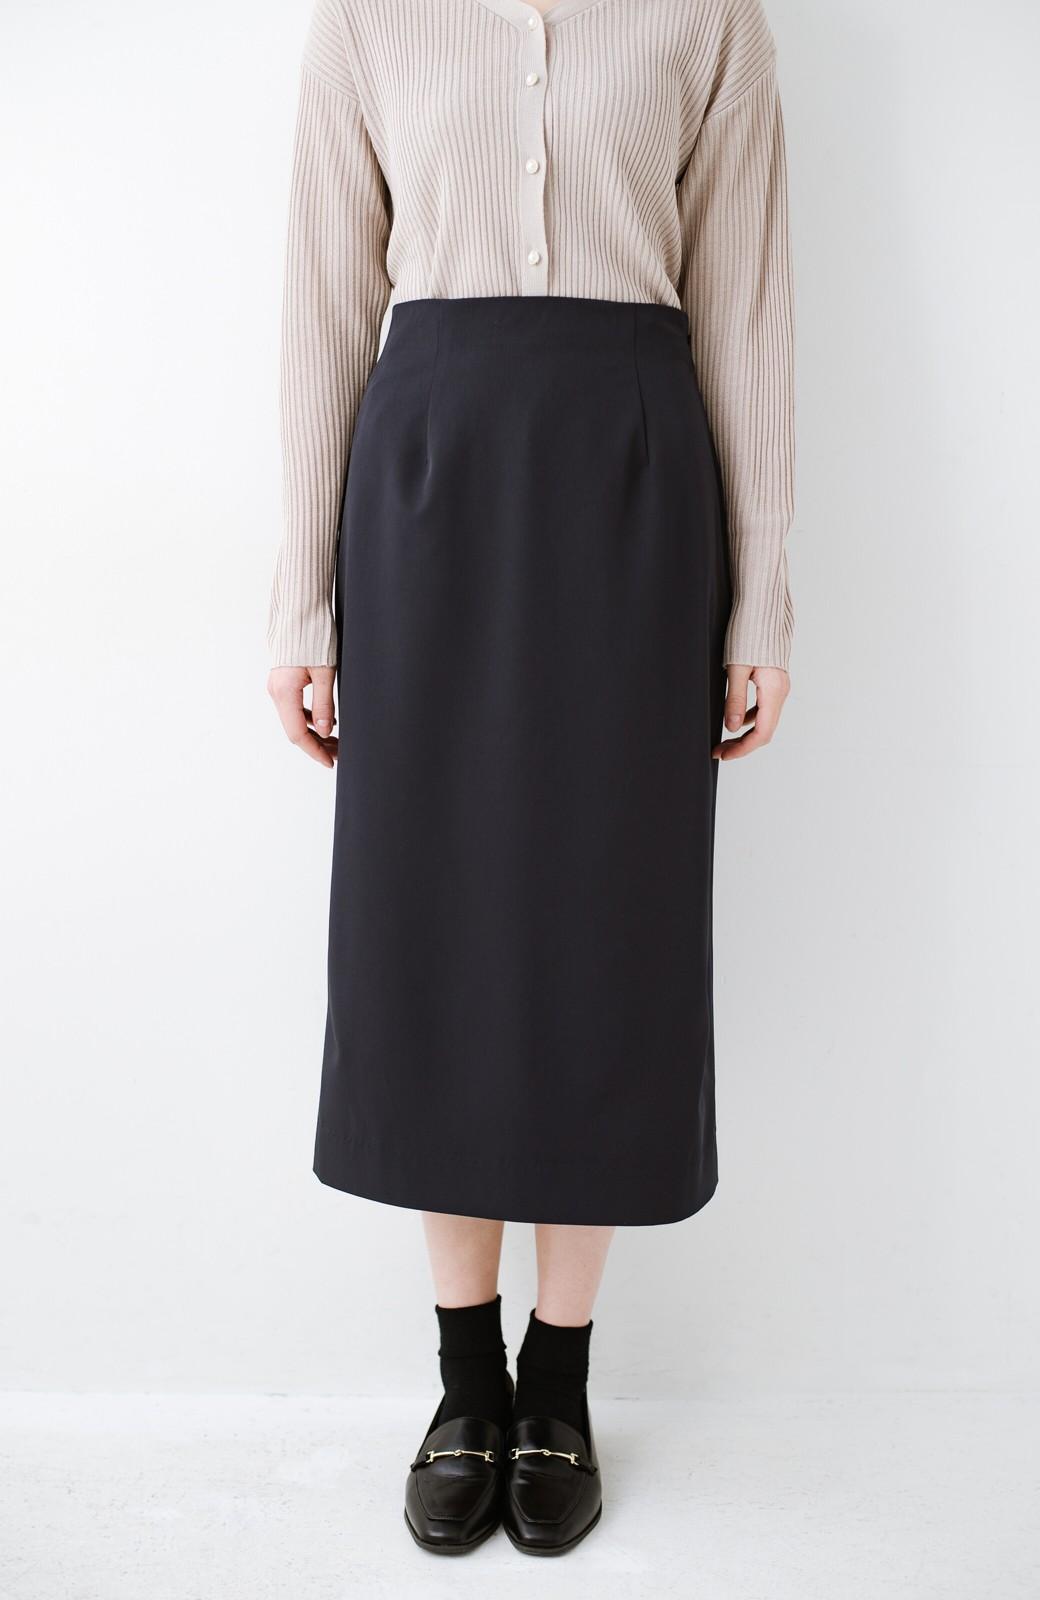 haco! 真面目すぎずにきちんと見えする サスペンダー付きタイトスカート by que made me <ネイビー>の商品写真8